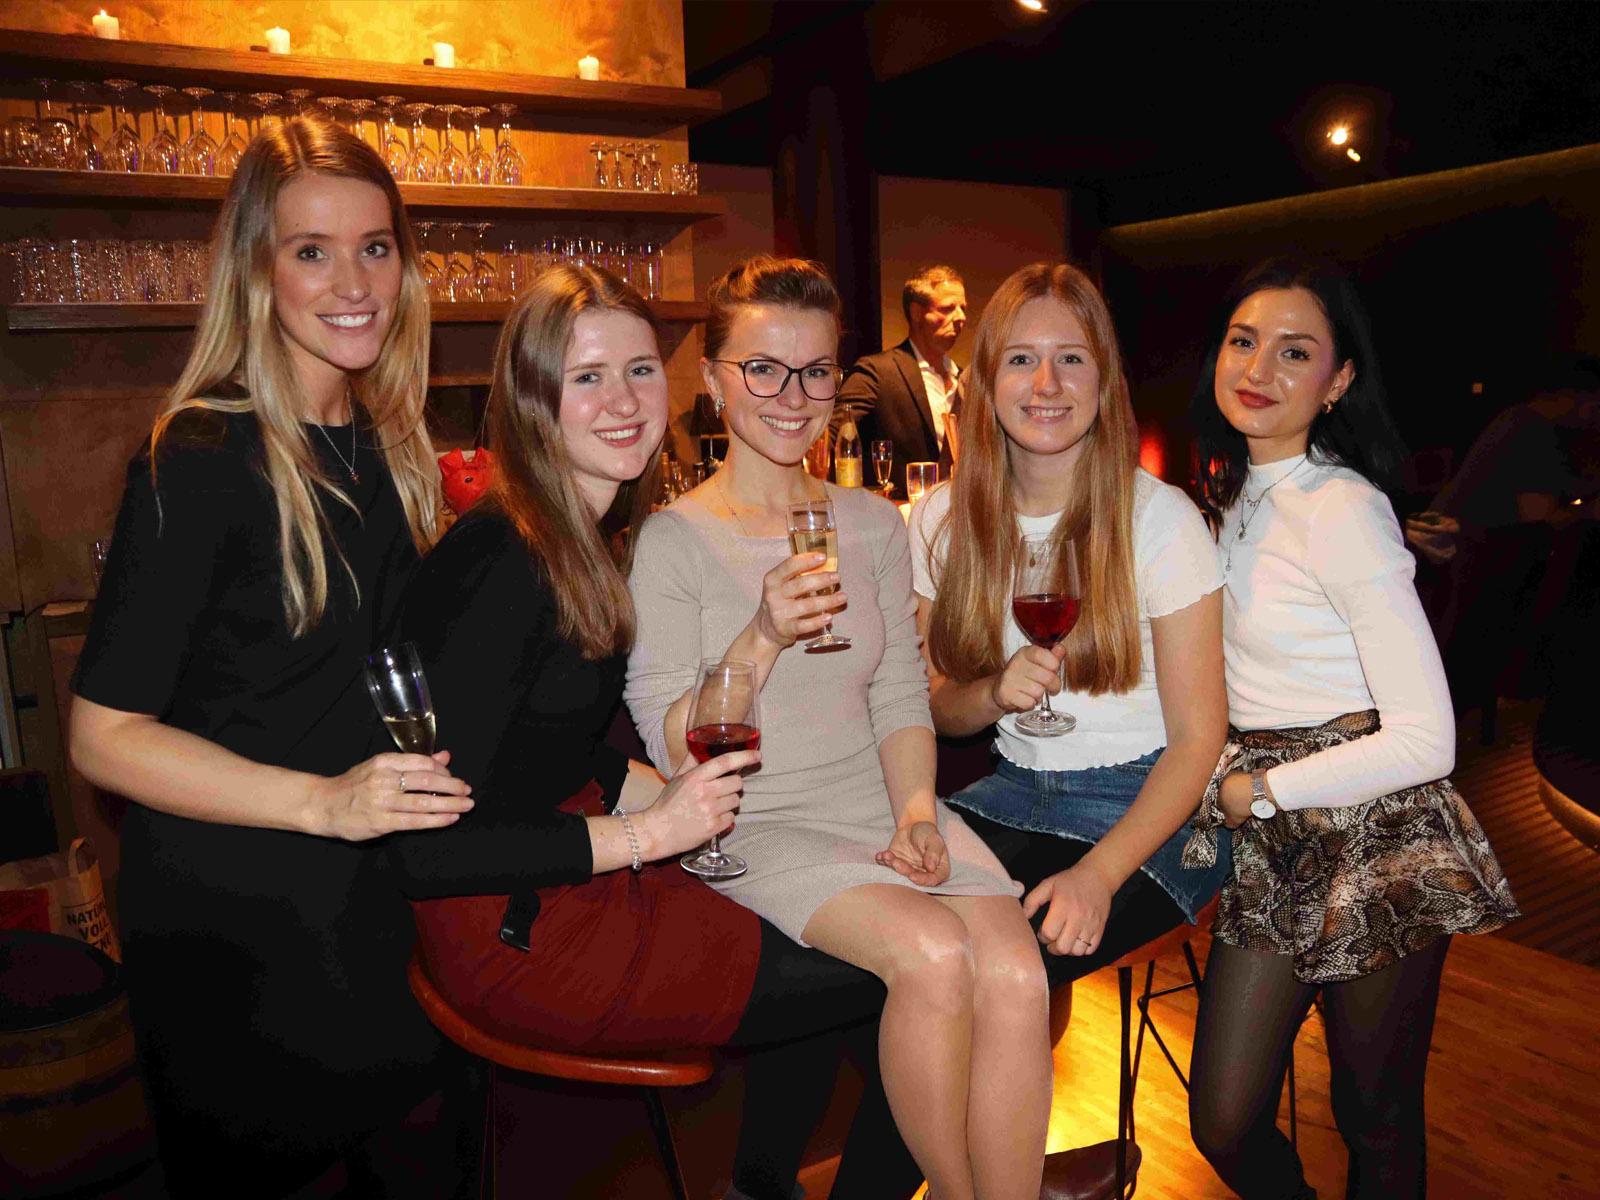 Gruppenfoto mit 5 Damen beim KinoEvent